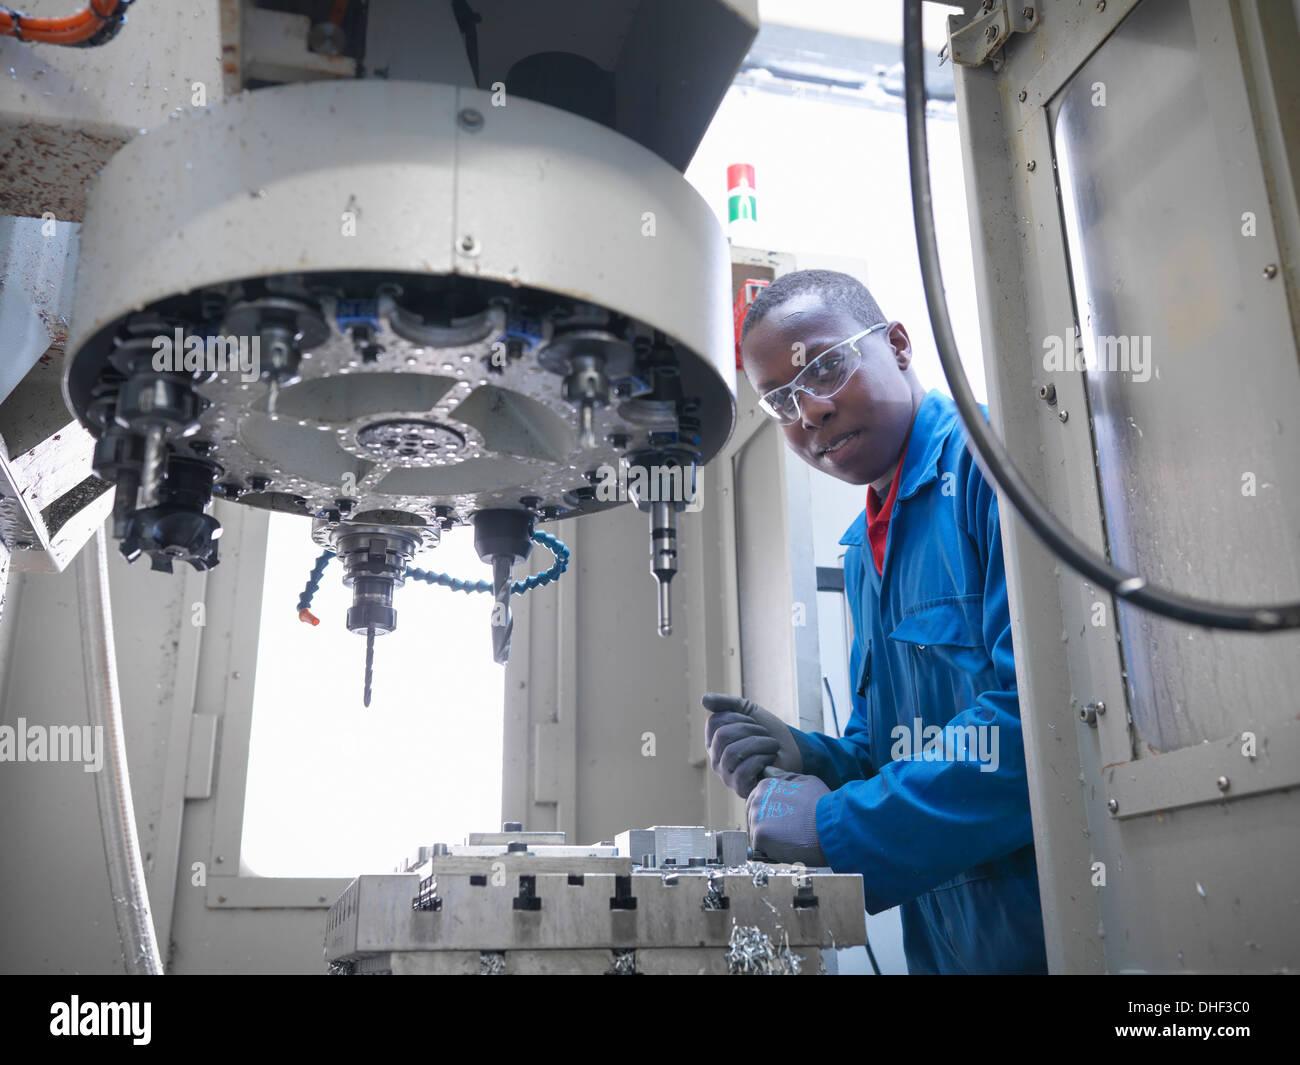 Apprendista ingegnere utilizzando CNC (computer a controllo numerico tornio) in fabbrica, ritratto Immagini Stock